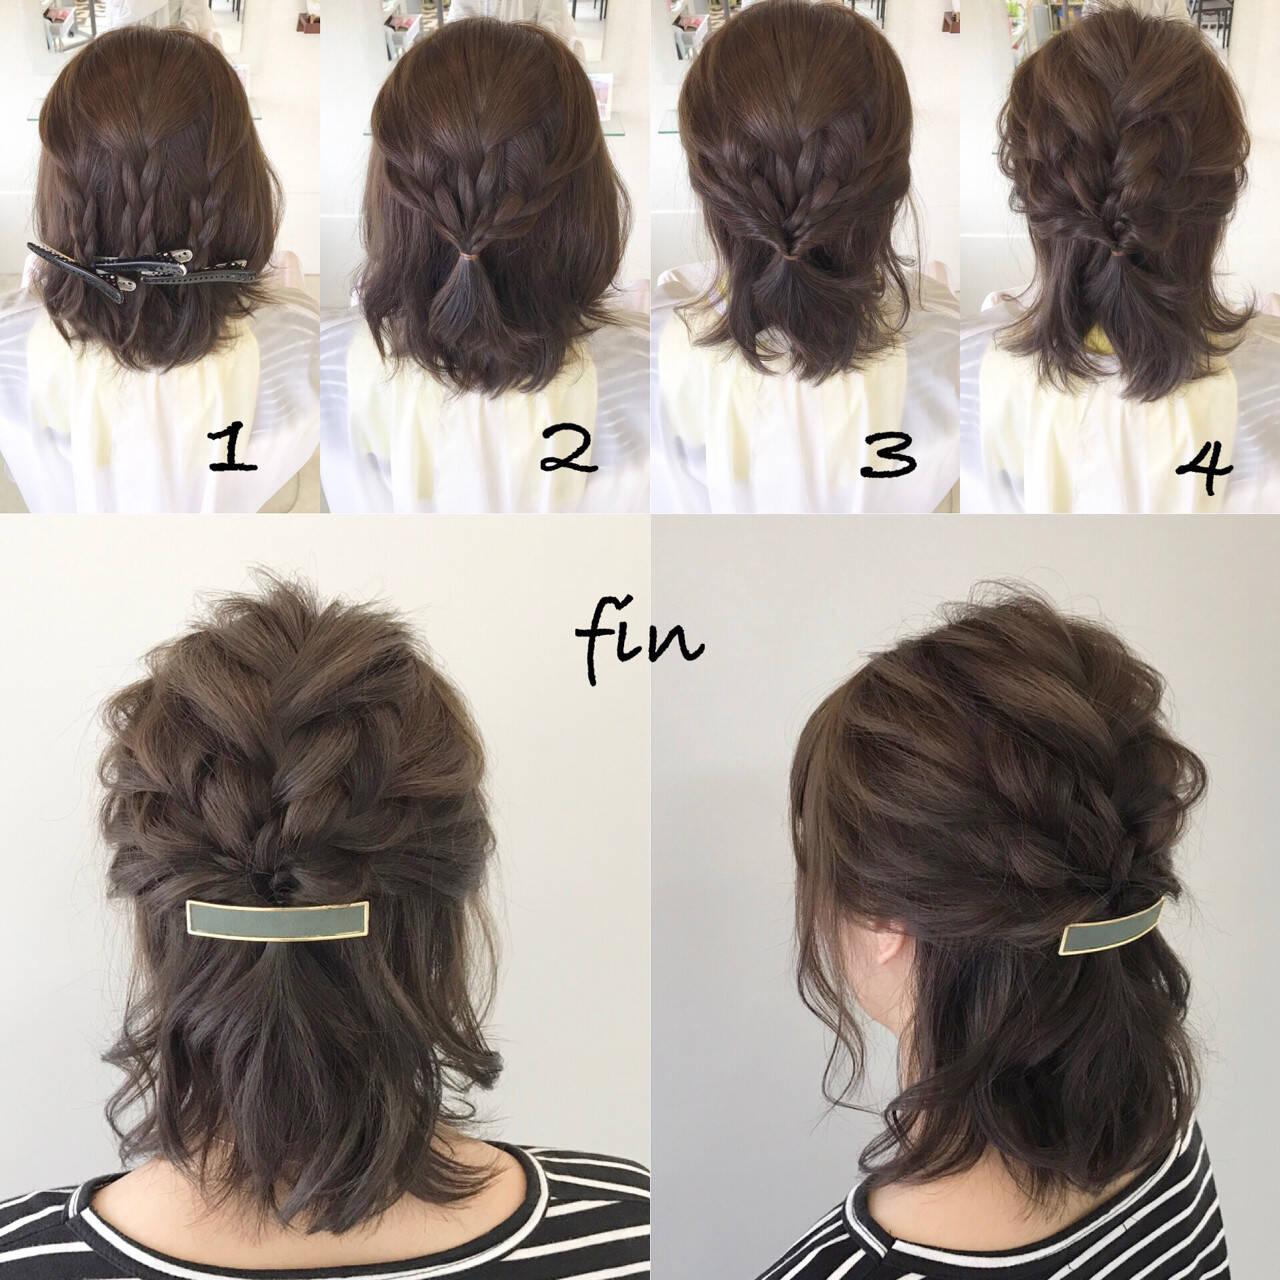 デート ヘアアレンジ ナチュラル 簡単ヘアアレンジヘアスタイルや髪型の写真・画像